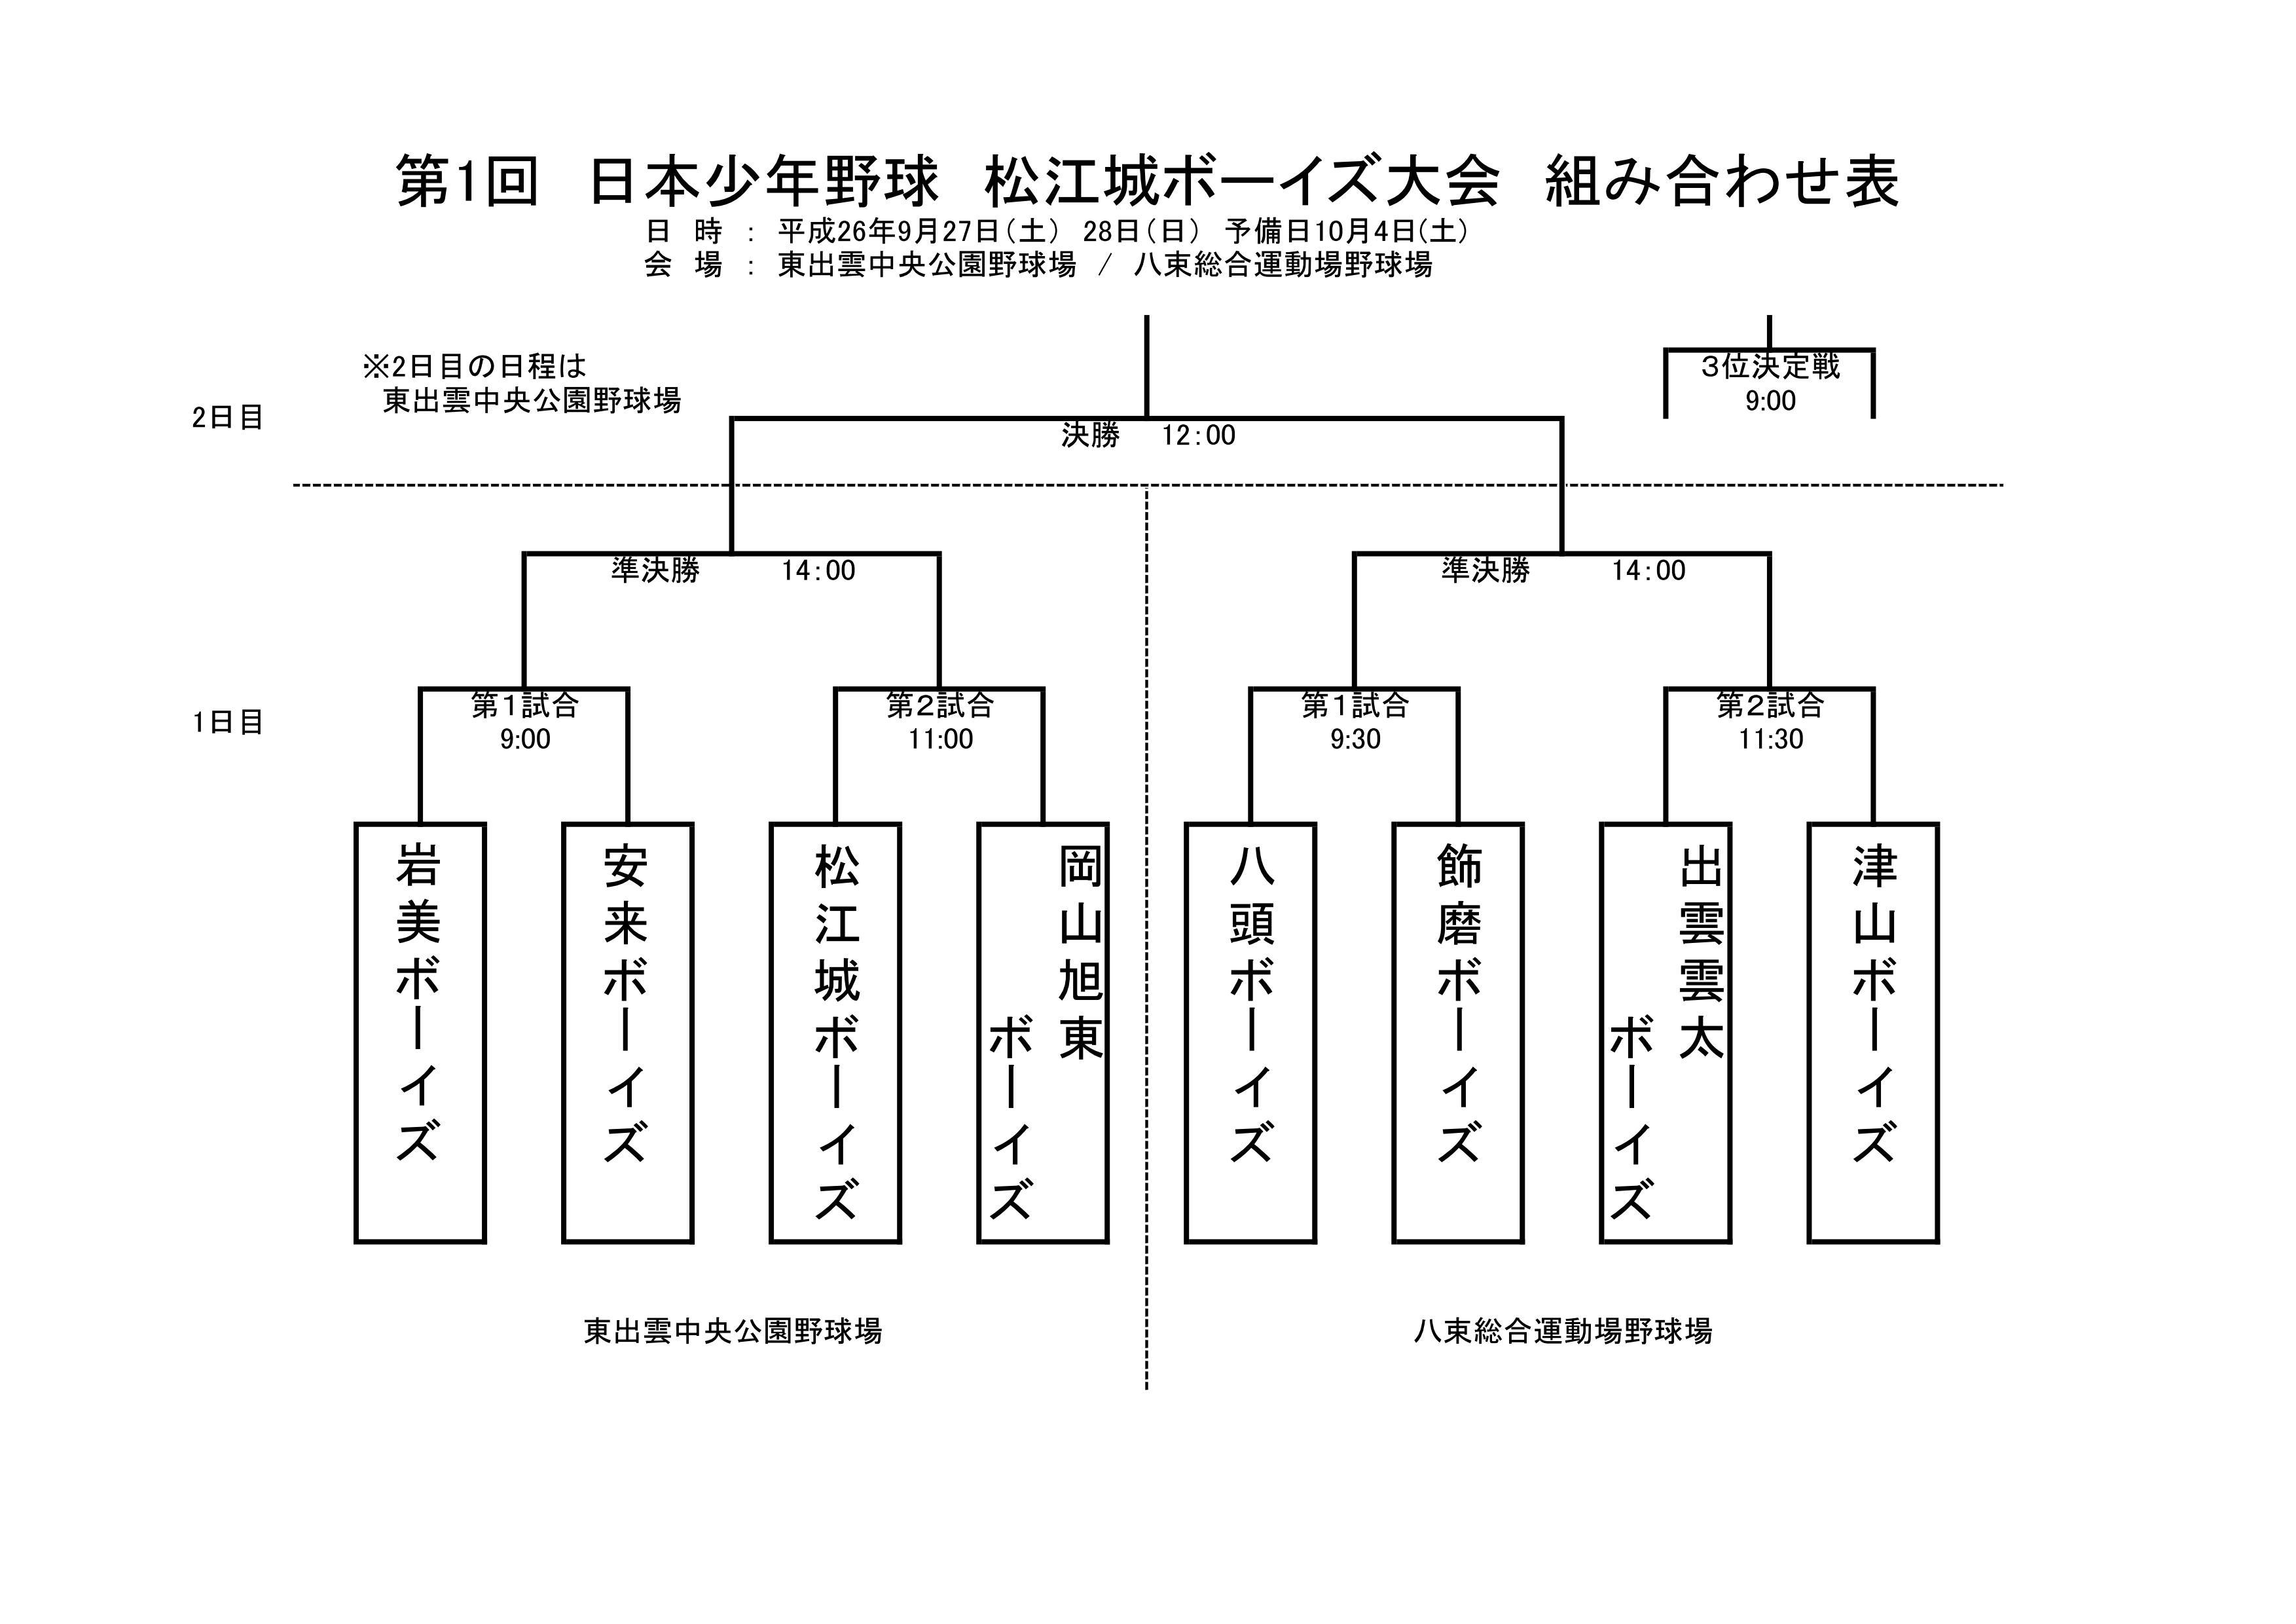 松江城ボーイズ大会_組み合わせ